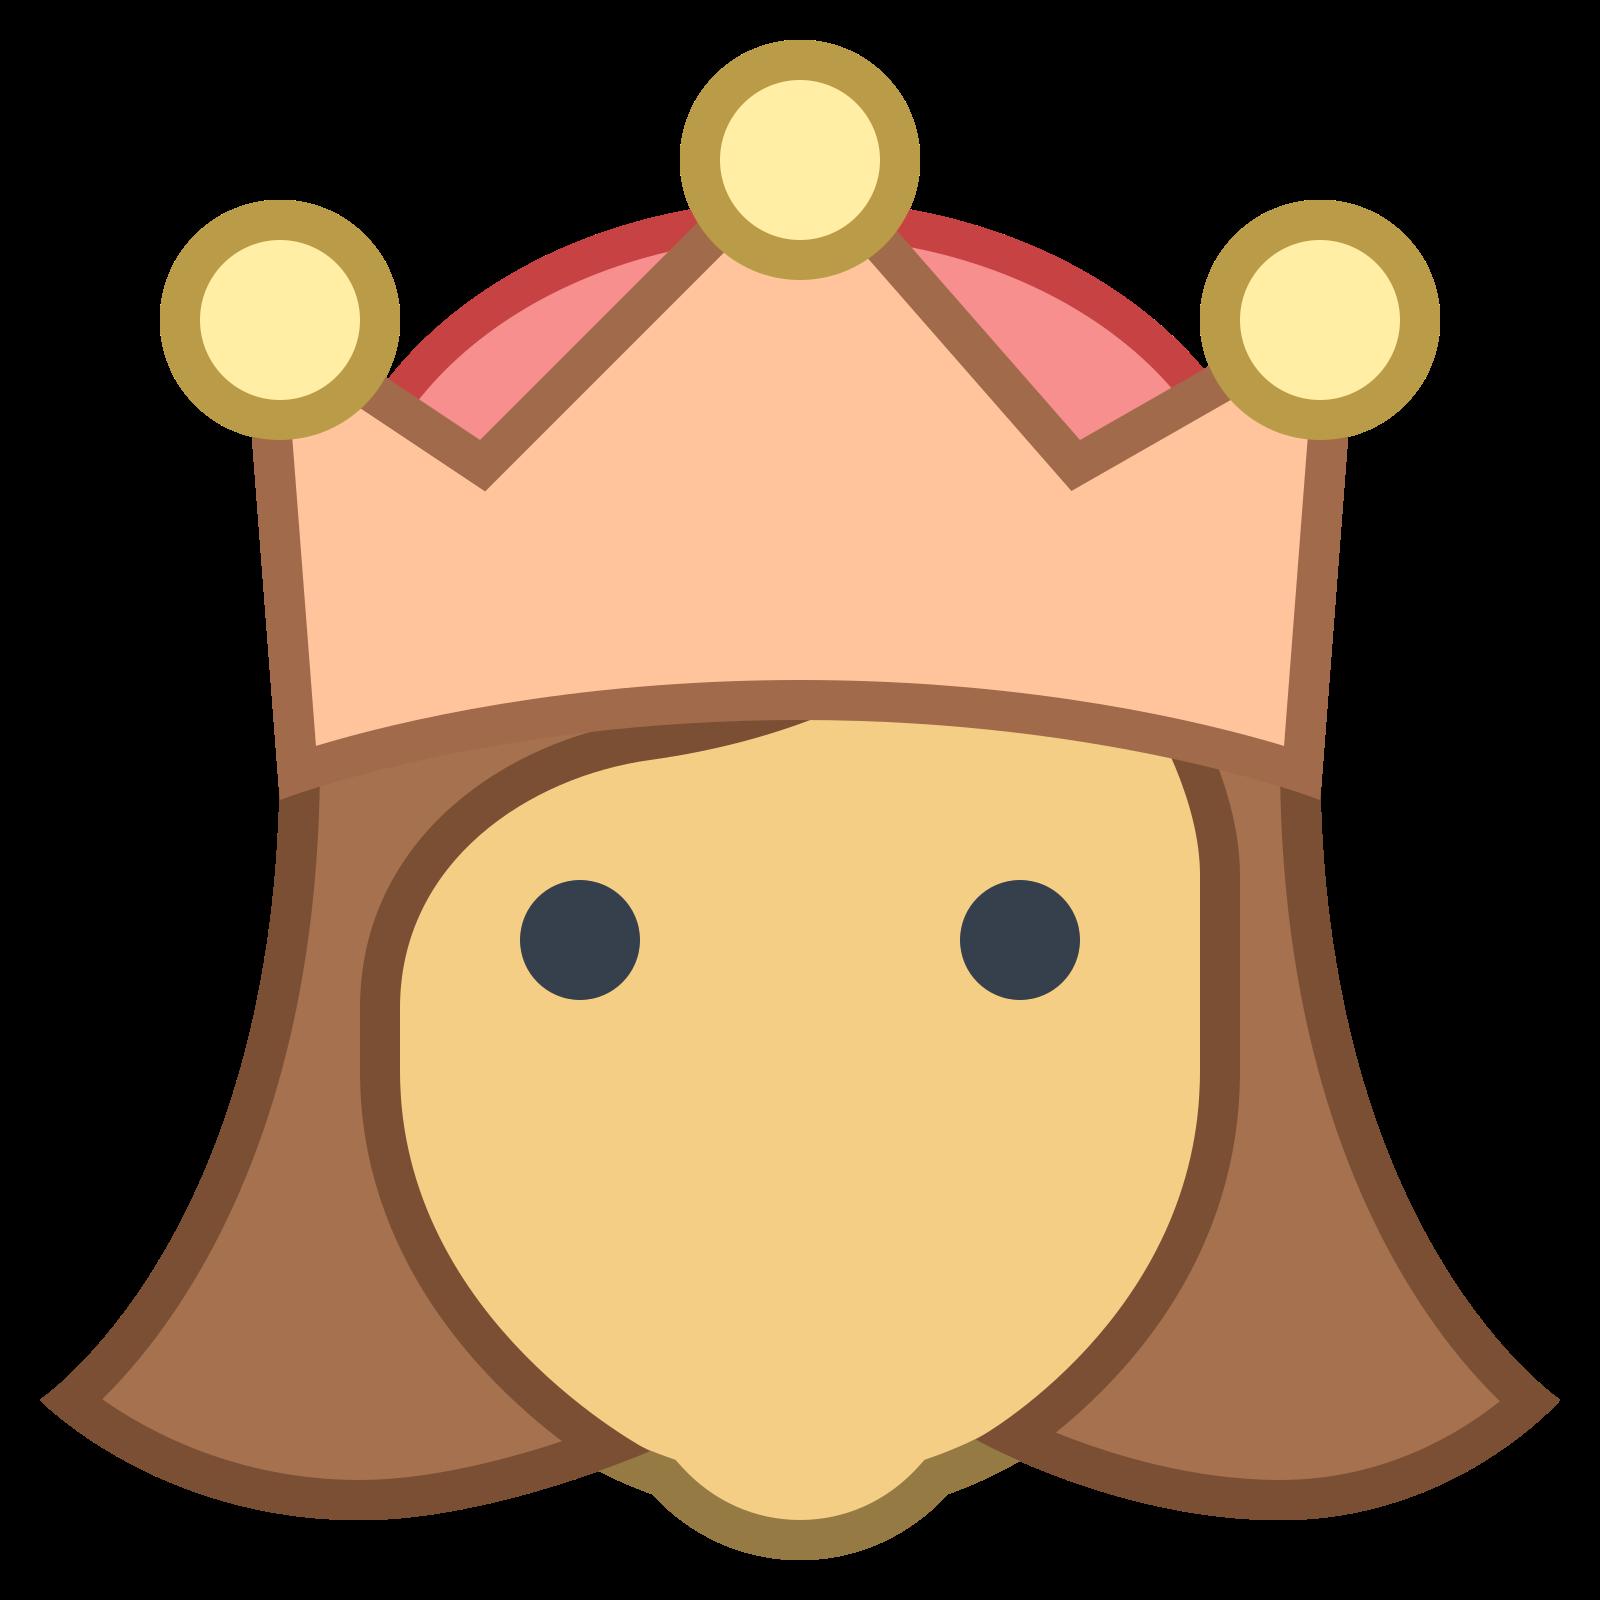 Monarch icon